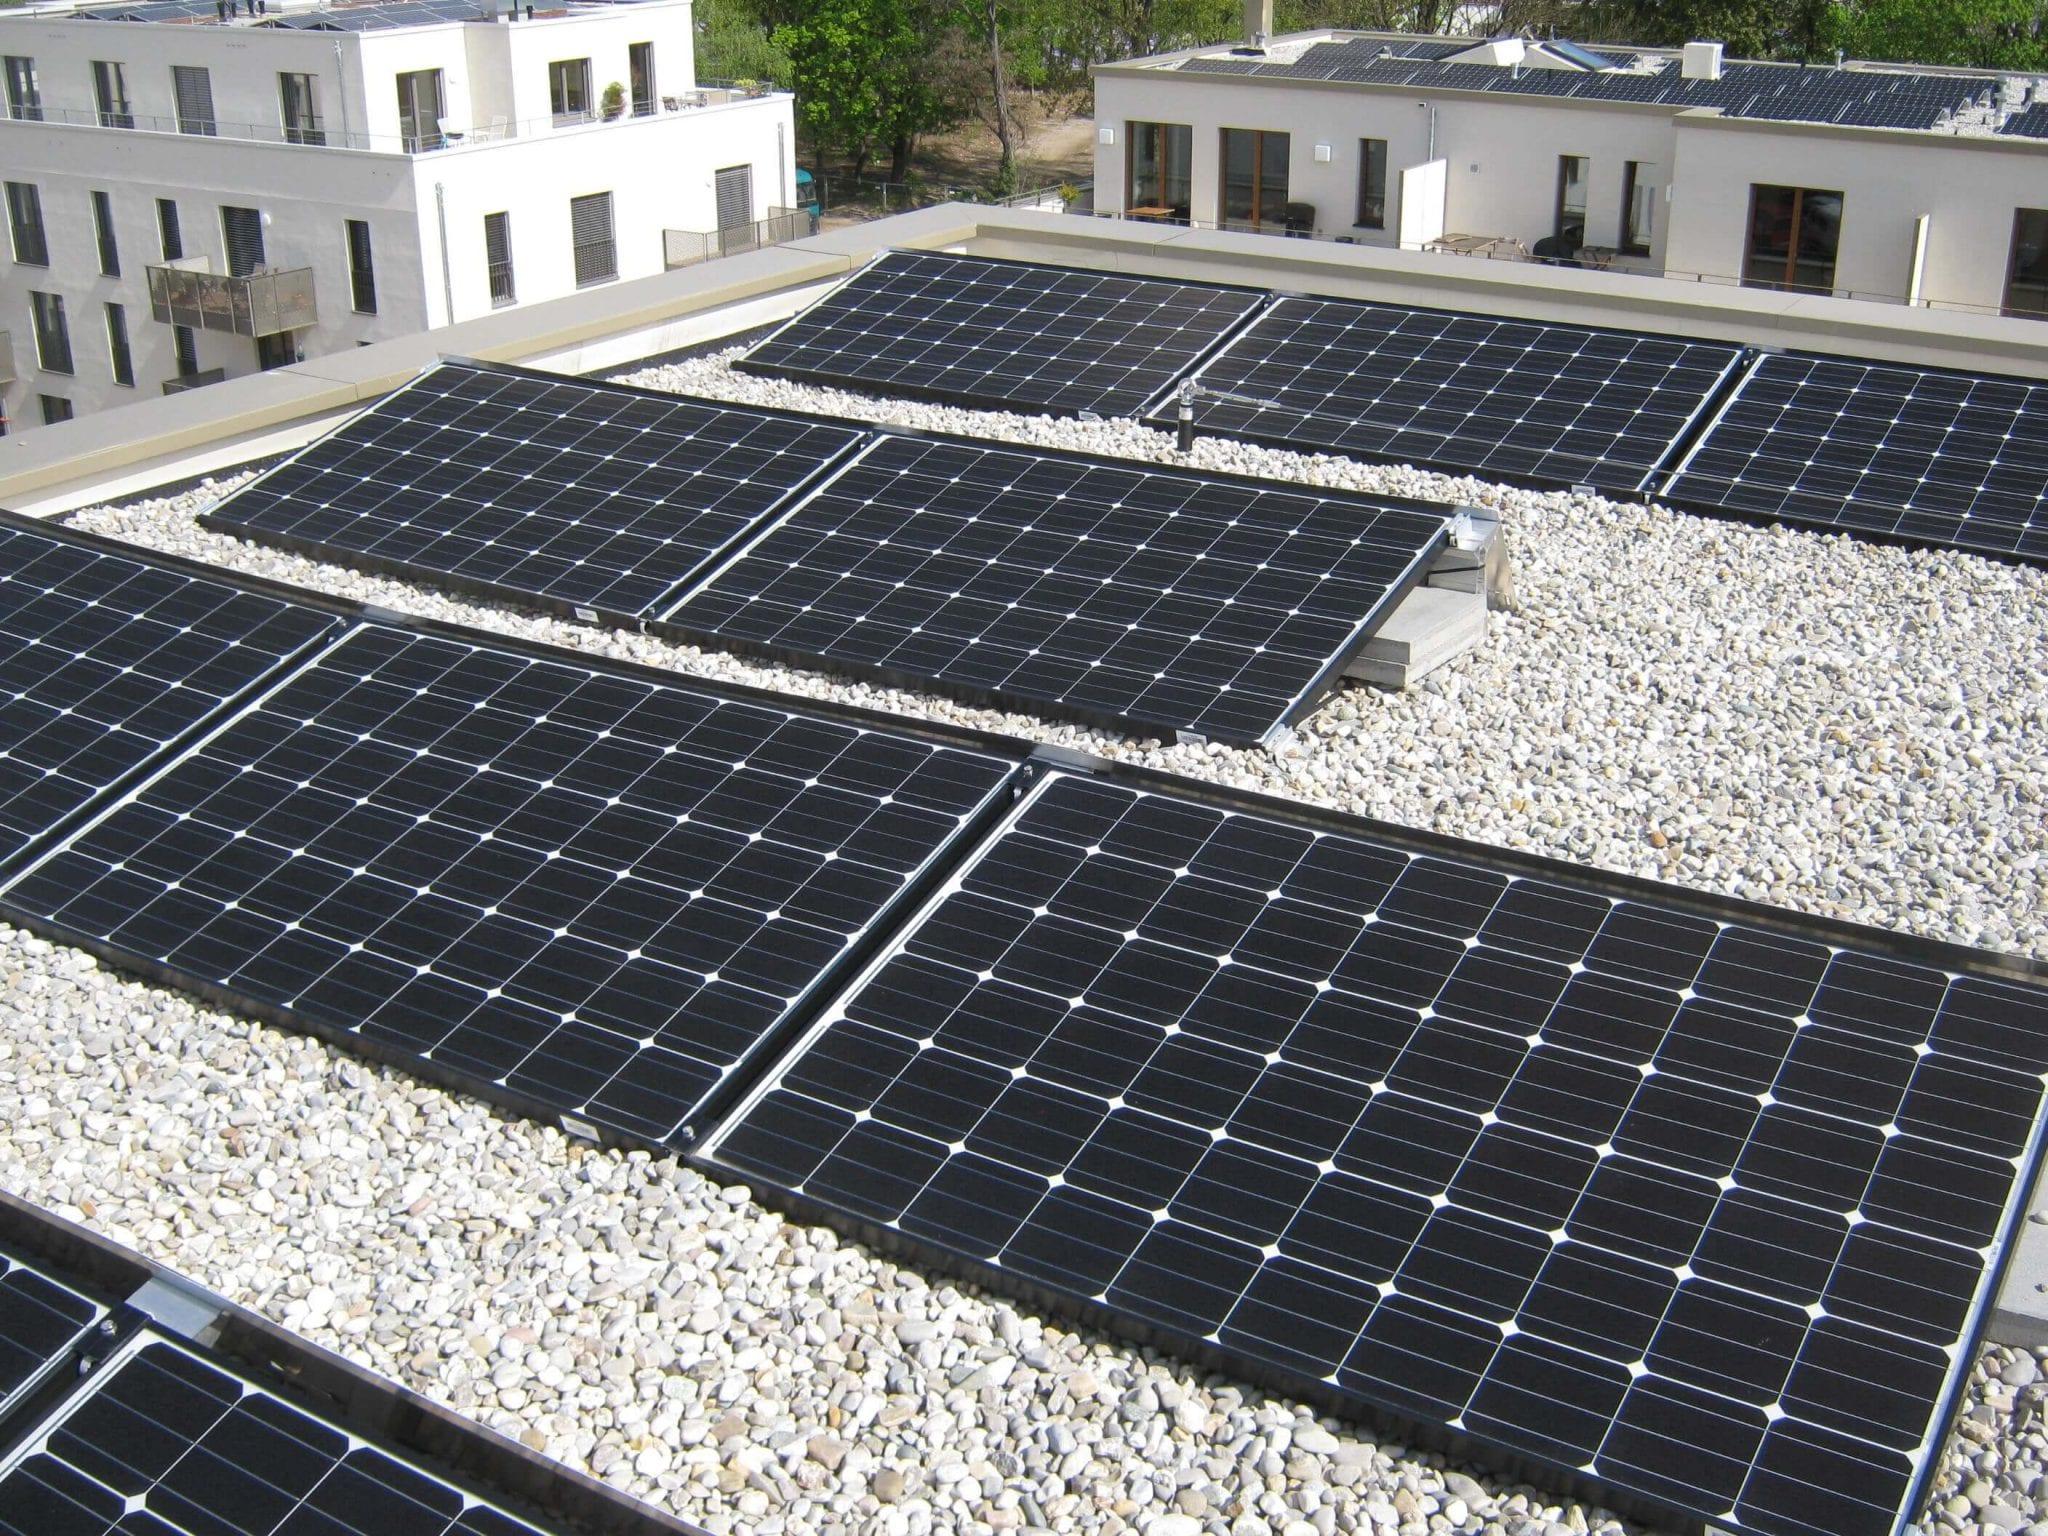 Die Landesregierungen in NRW und Thüringen wollen mehr Mieterstrom-Projekte ermnöglichen © MR SunStrom GmbH